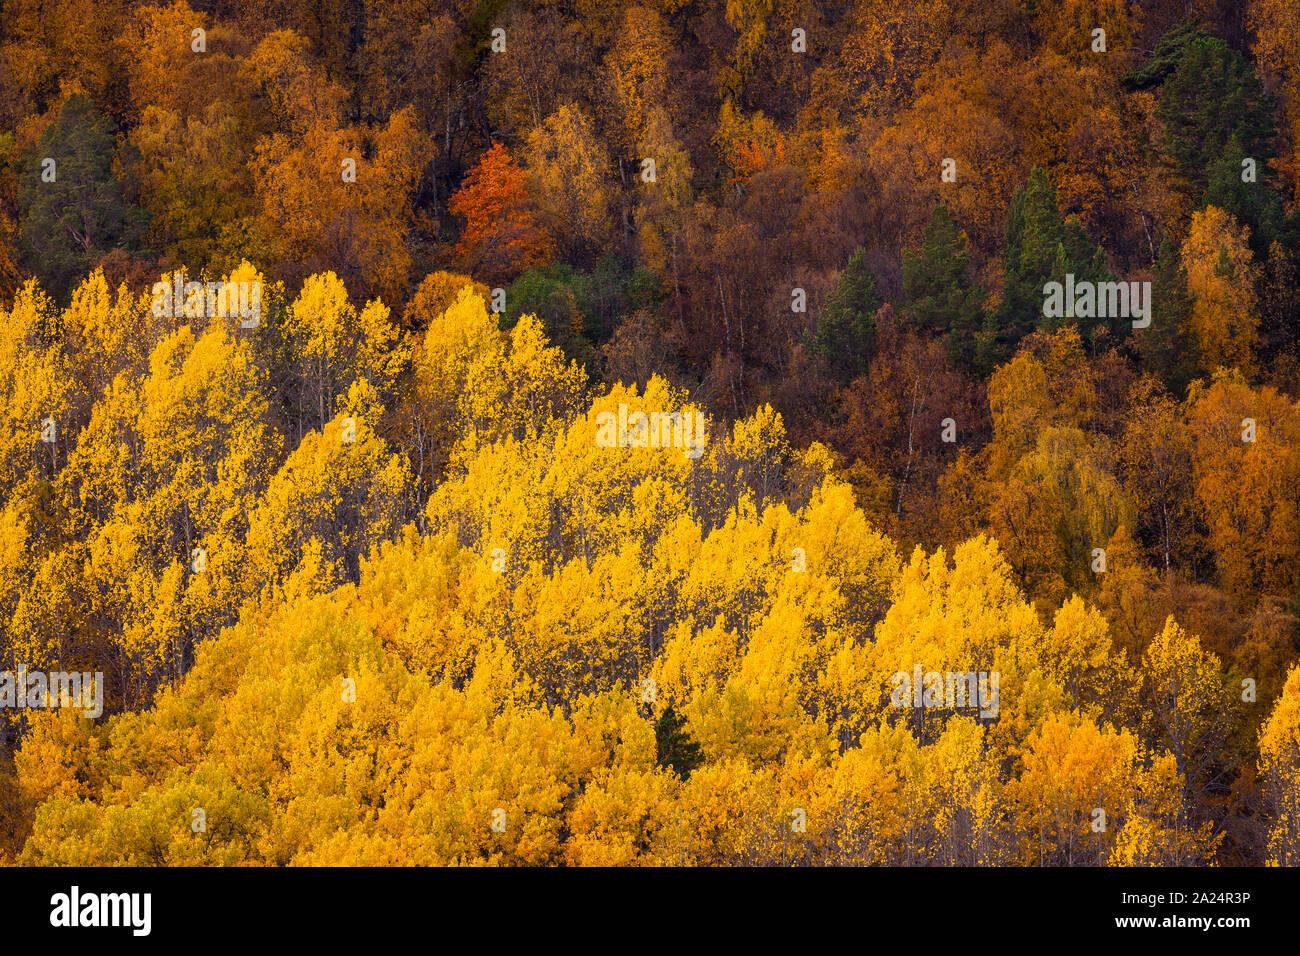 Erstaunlich Herbst bunte Laub an in Dombås Dovre Kommune, Nord-Norwegen, Norwegen. Die gelbe Bäume sind gemeinsame Aspen, Populus tremula. Stockfoto